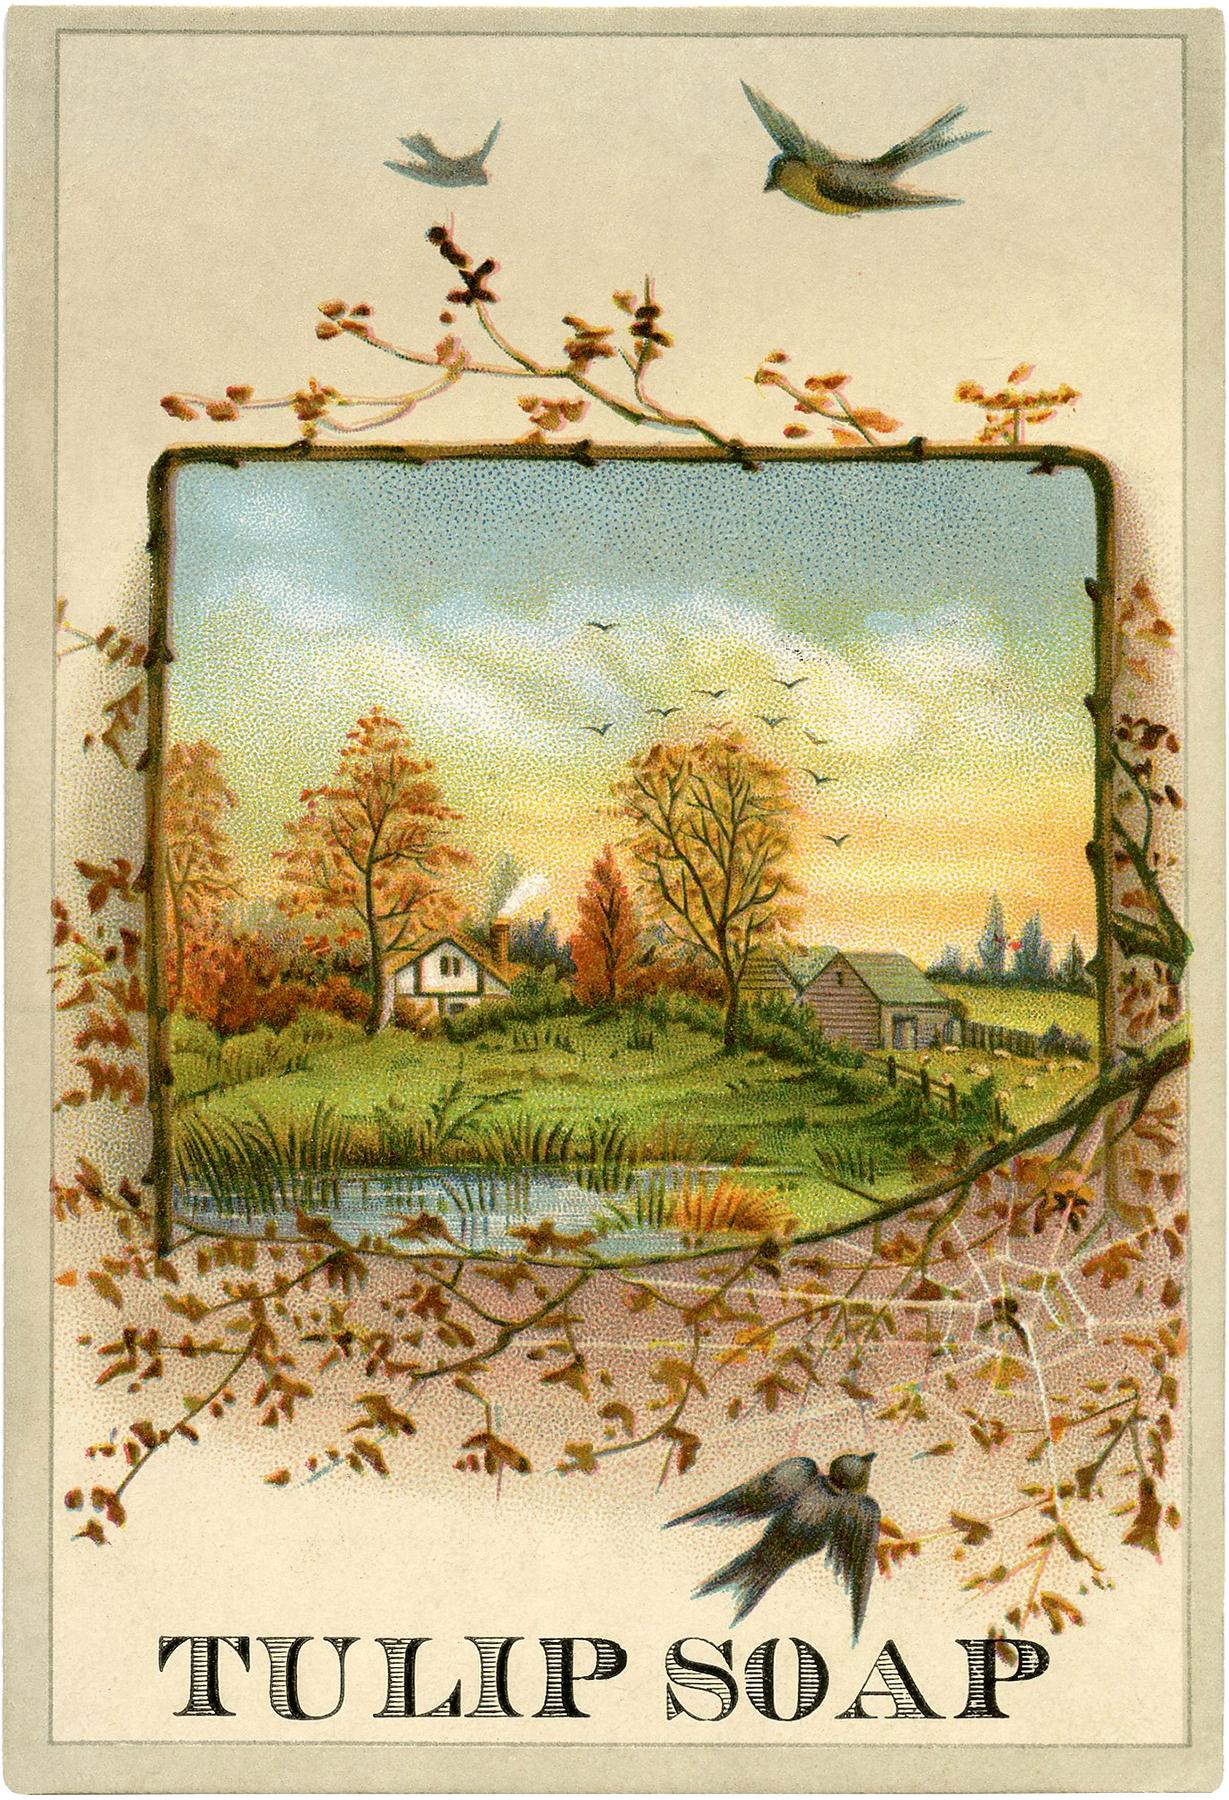 The Graphics Fairy: Pretty Autumn Scene Image!